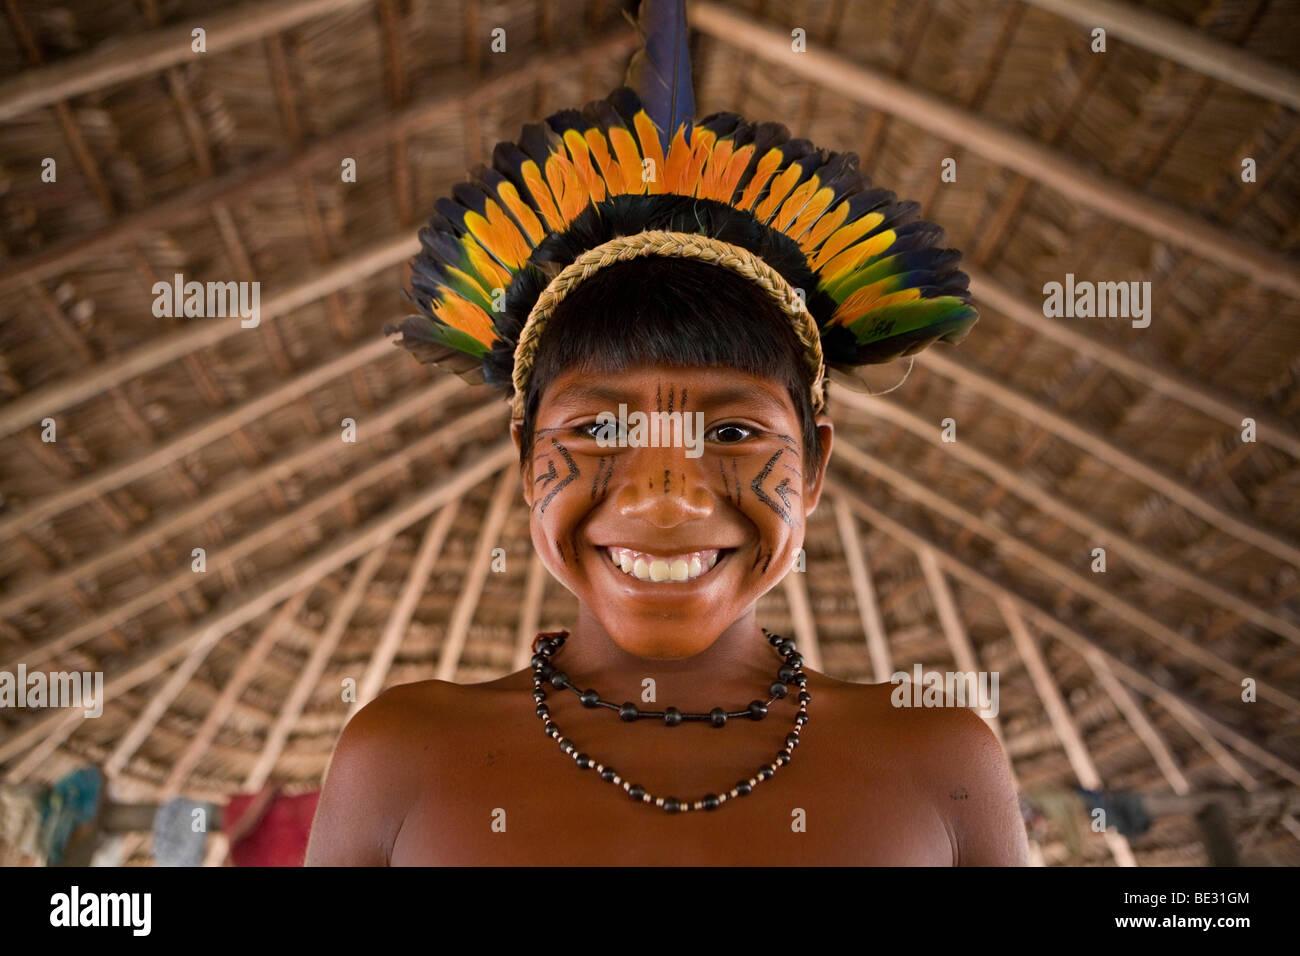 Children Of The Xingu Indian Go To School Built In The